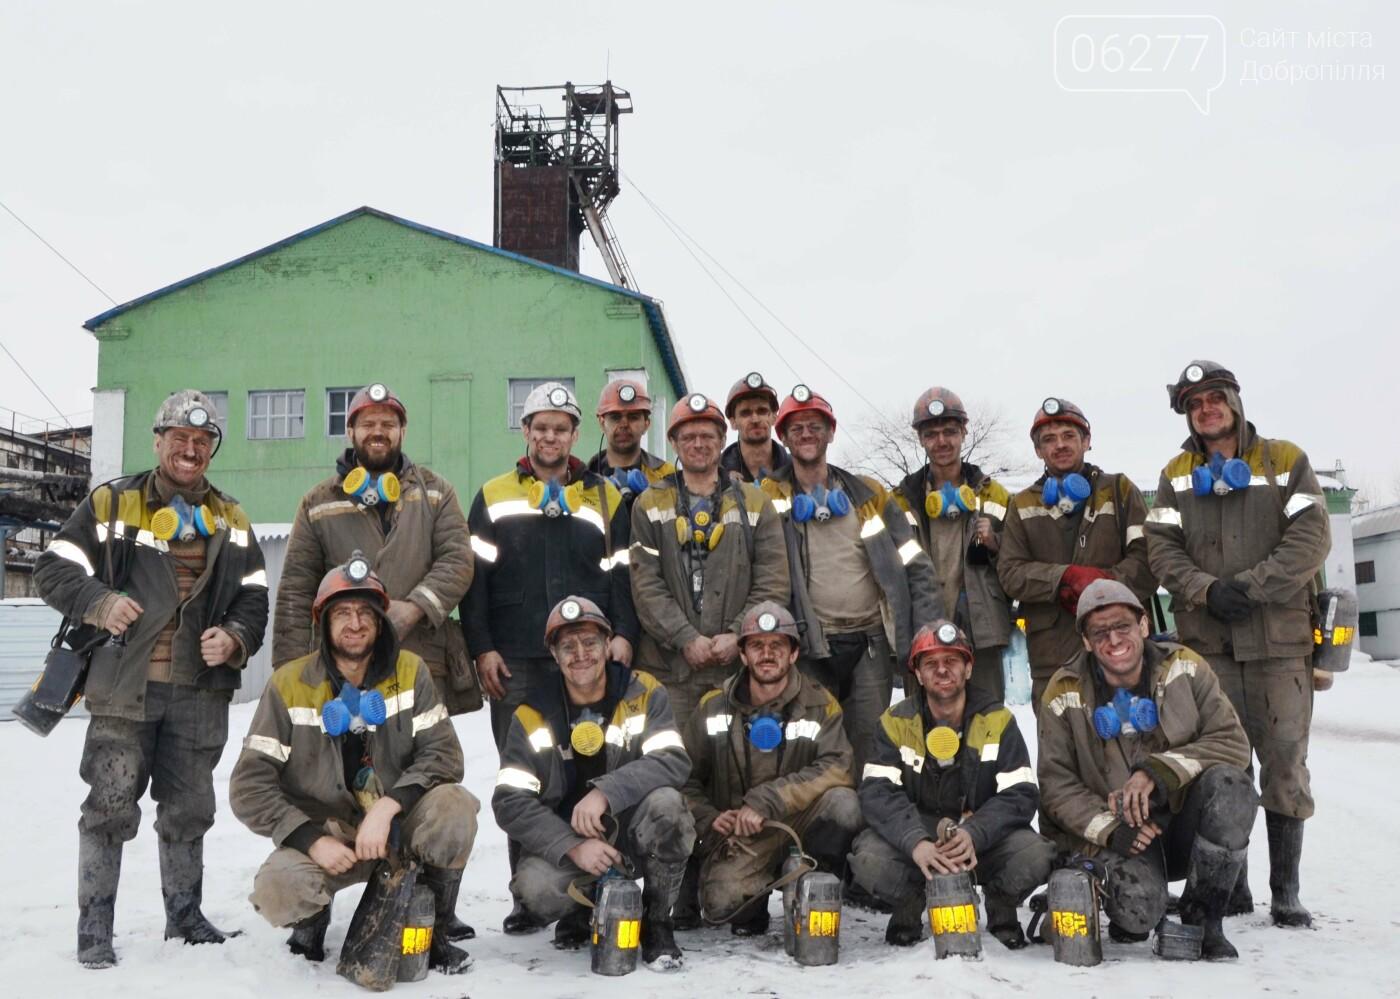 Движение на встречу: проходчики шахты Добропольская провели успешную сбойку, фото-2